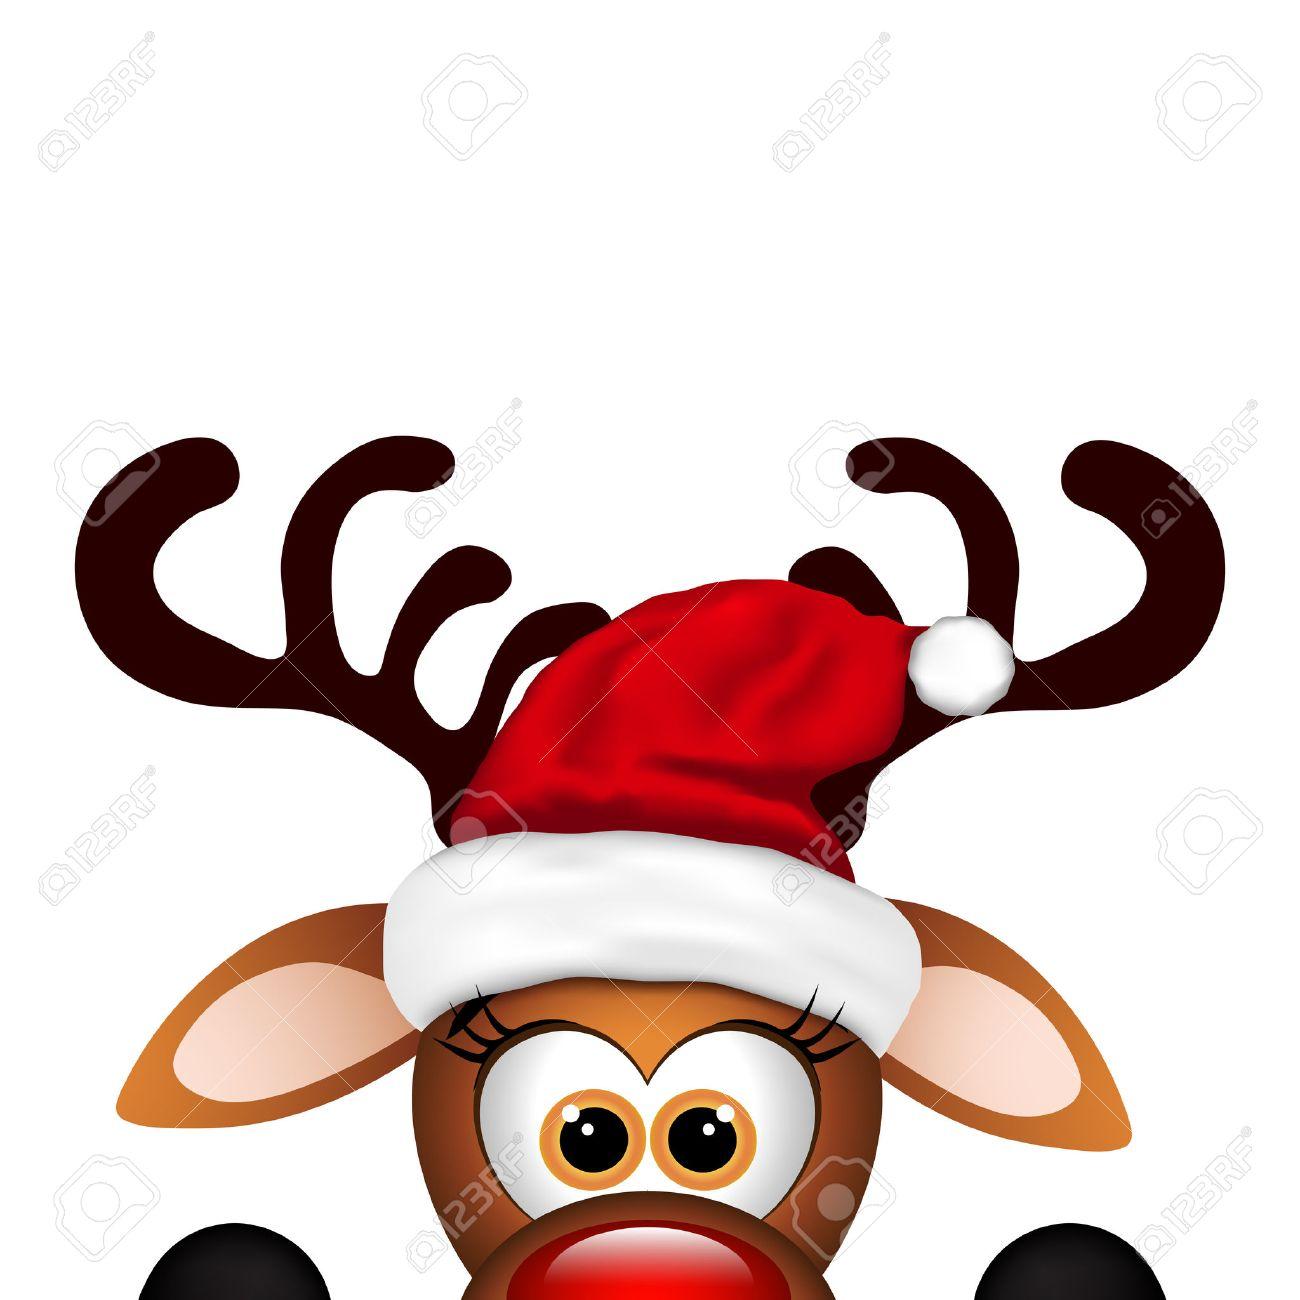 Bilder Weihnachten Lustig.Stock Photo